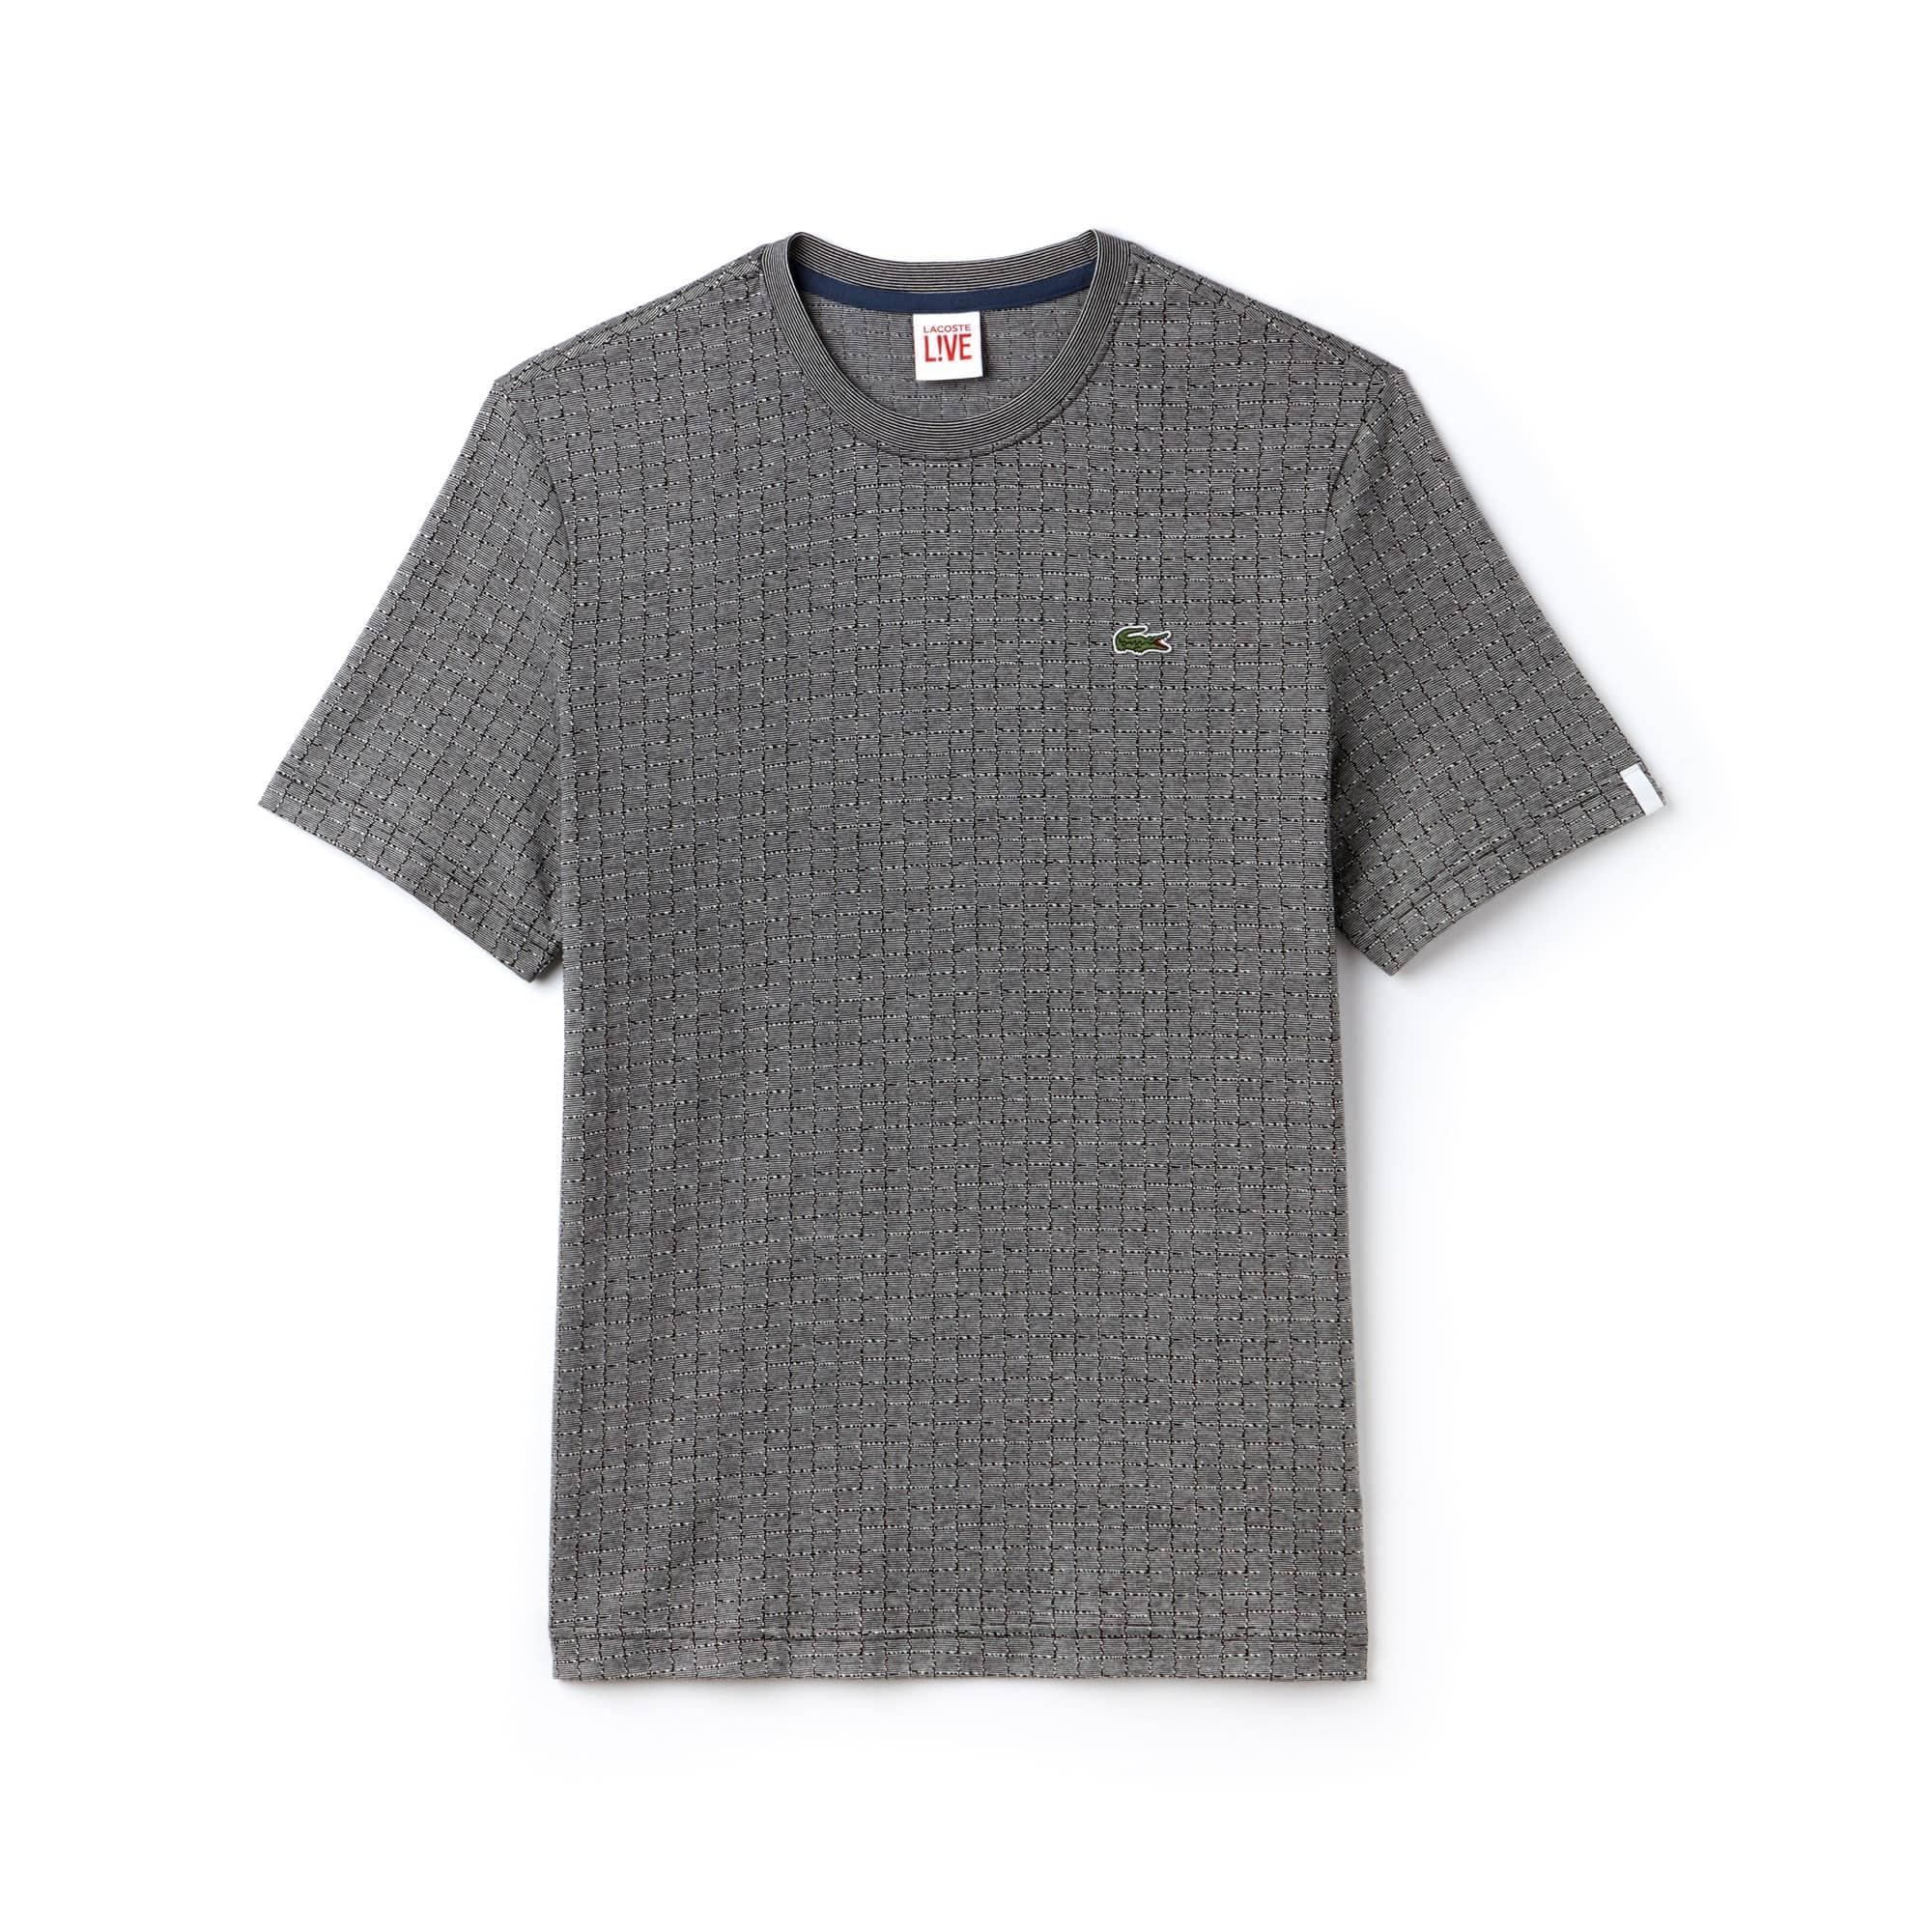 Herren-Rundhals-T-Shirt aus bedruckter Baumwolle LACOSTE L!VE